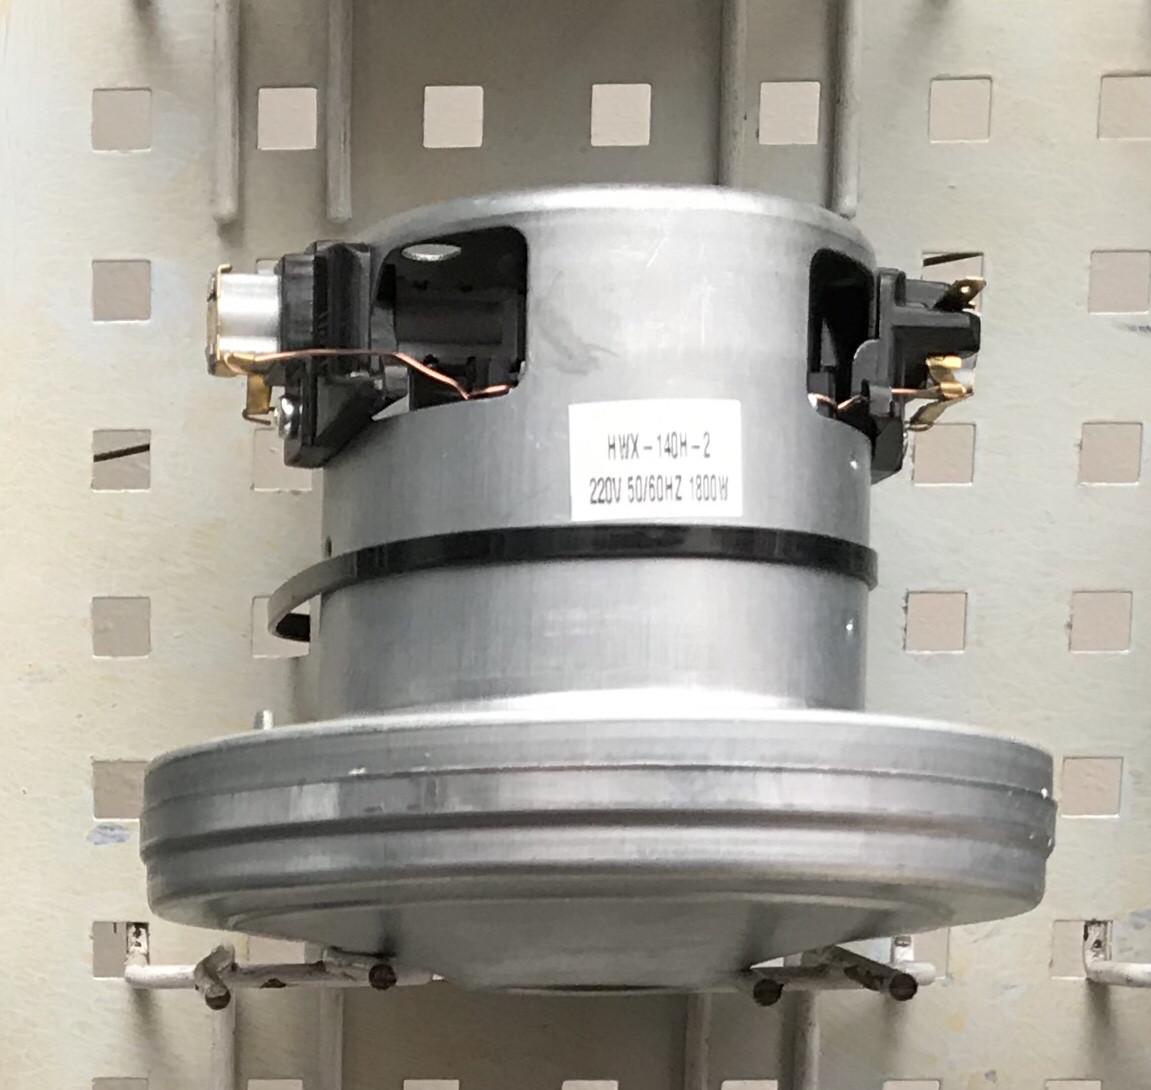 Двигатель пылесоса HWX-140H-2 1800 Вт (127*132)